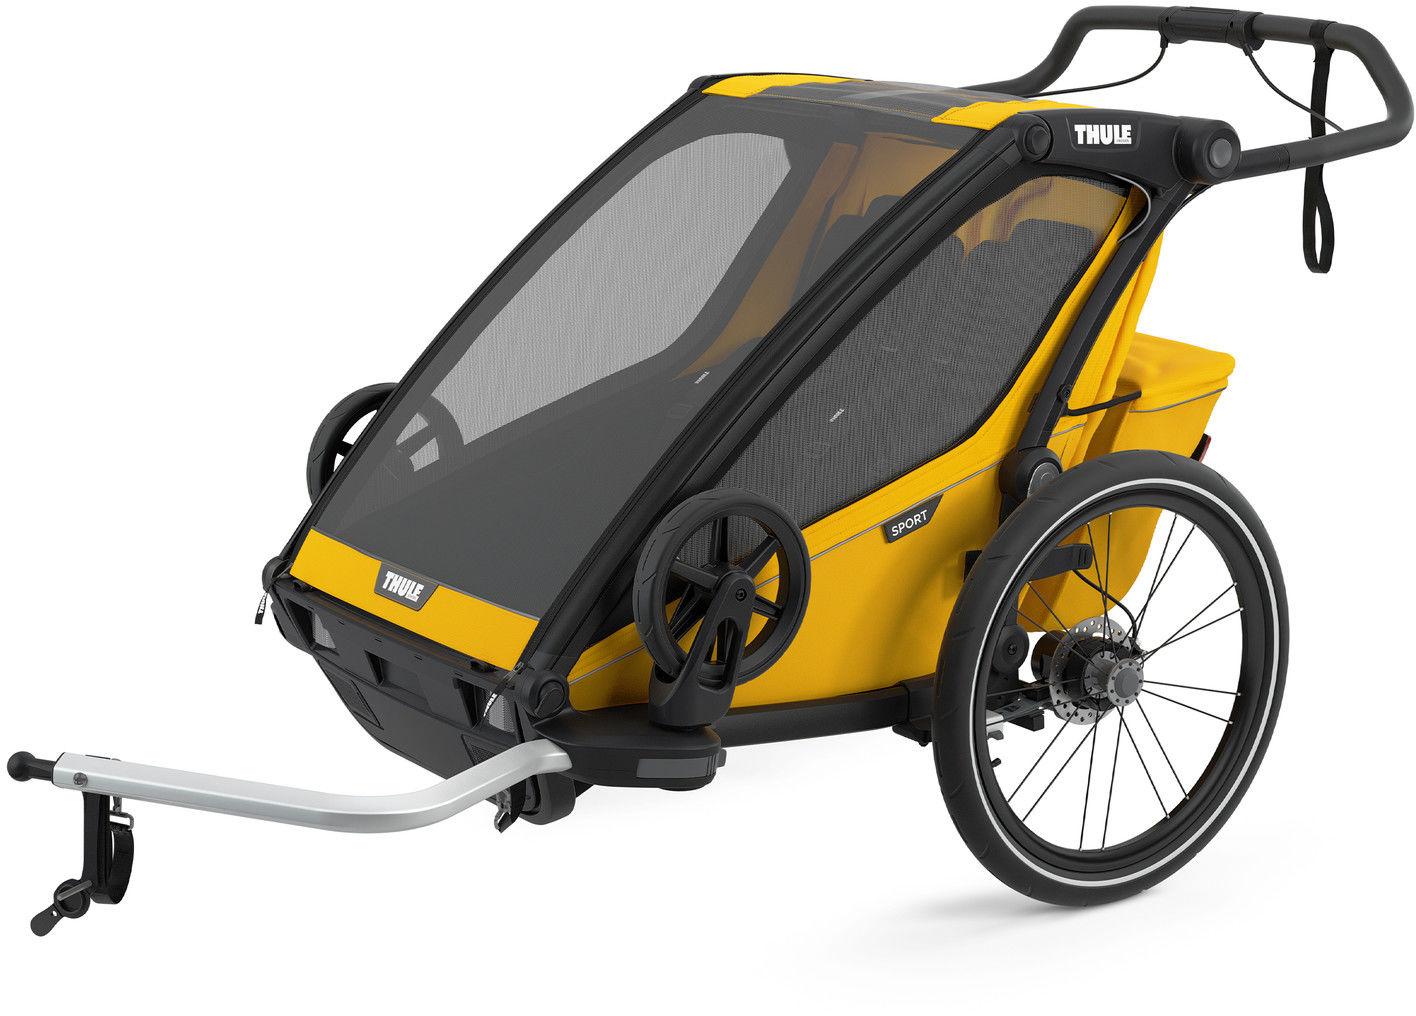 Thule Chariot Sport2 przyczepka rowerowa SpeYellow - żółto/czarna